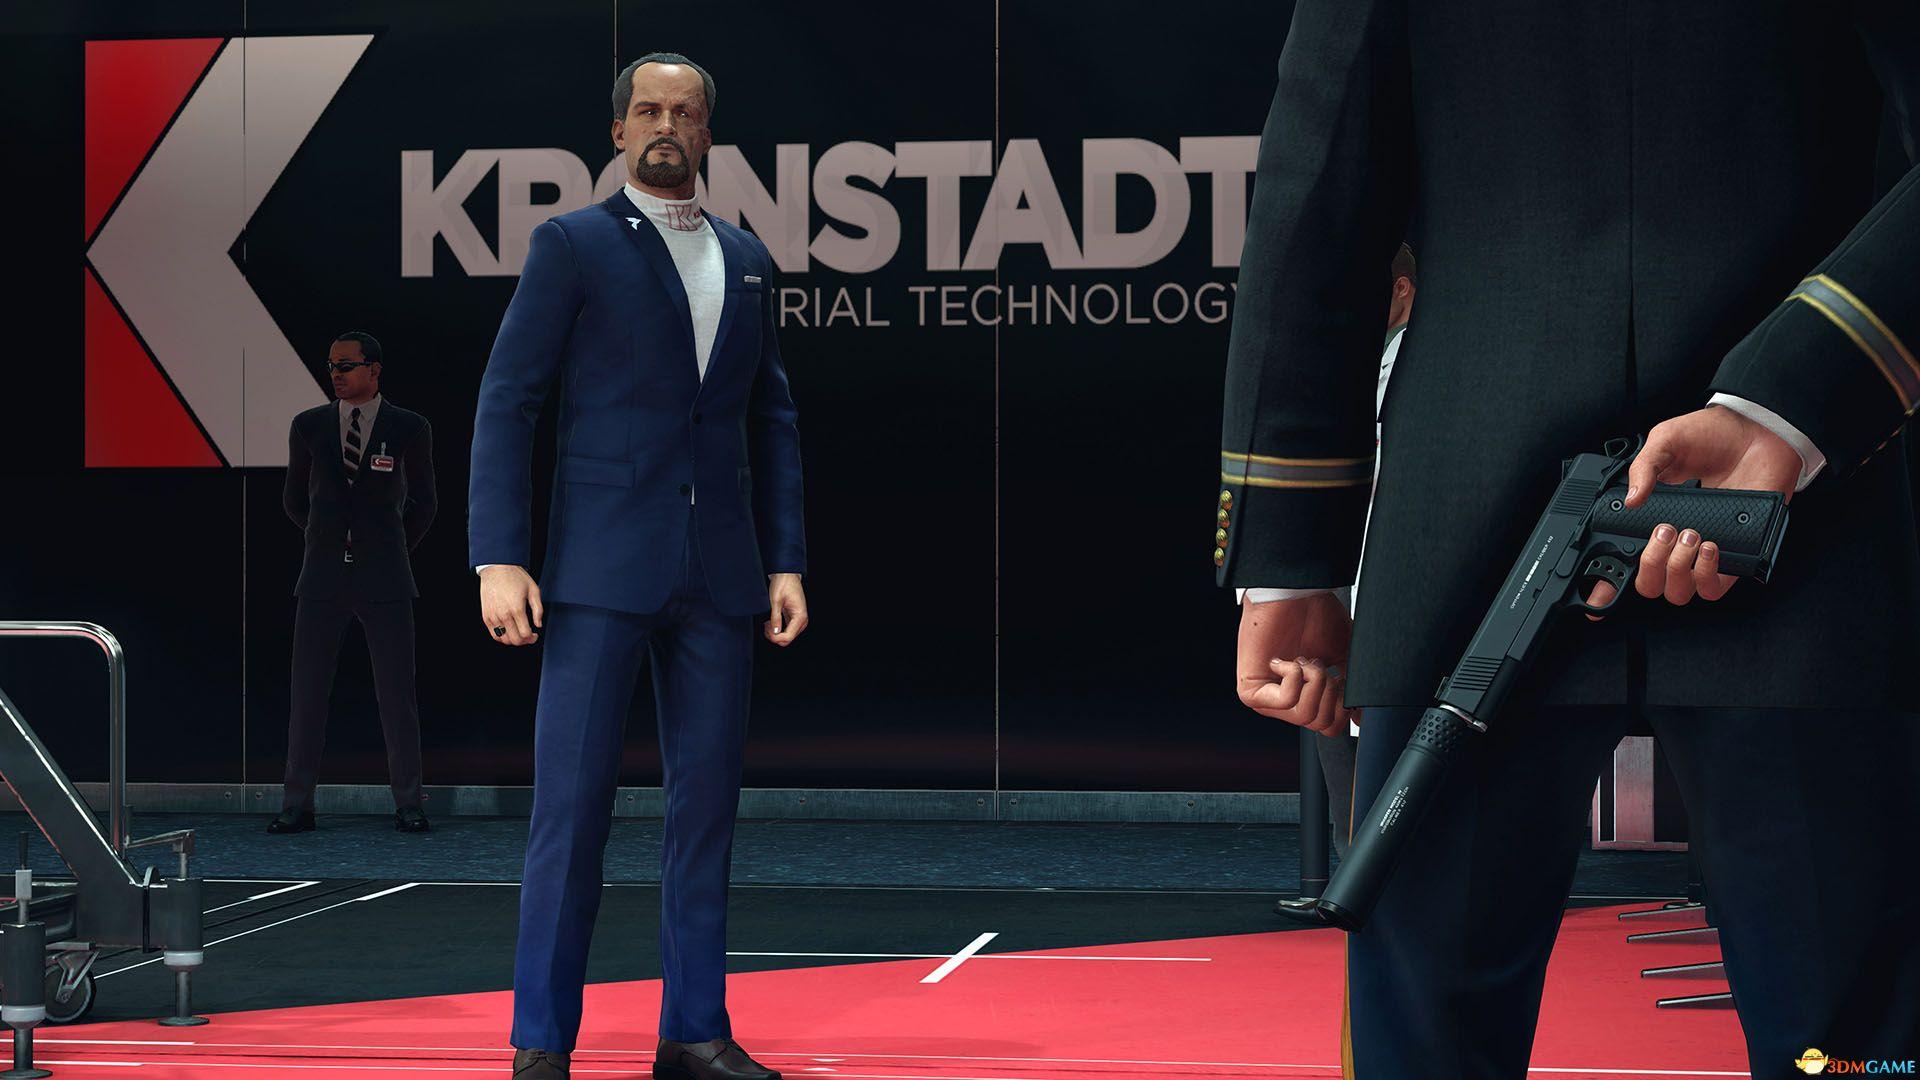 光头花样暗杀 《杀手2》官方中文黄金版Steam正版分流